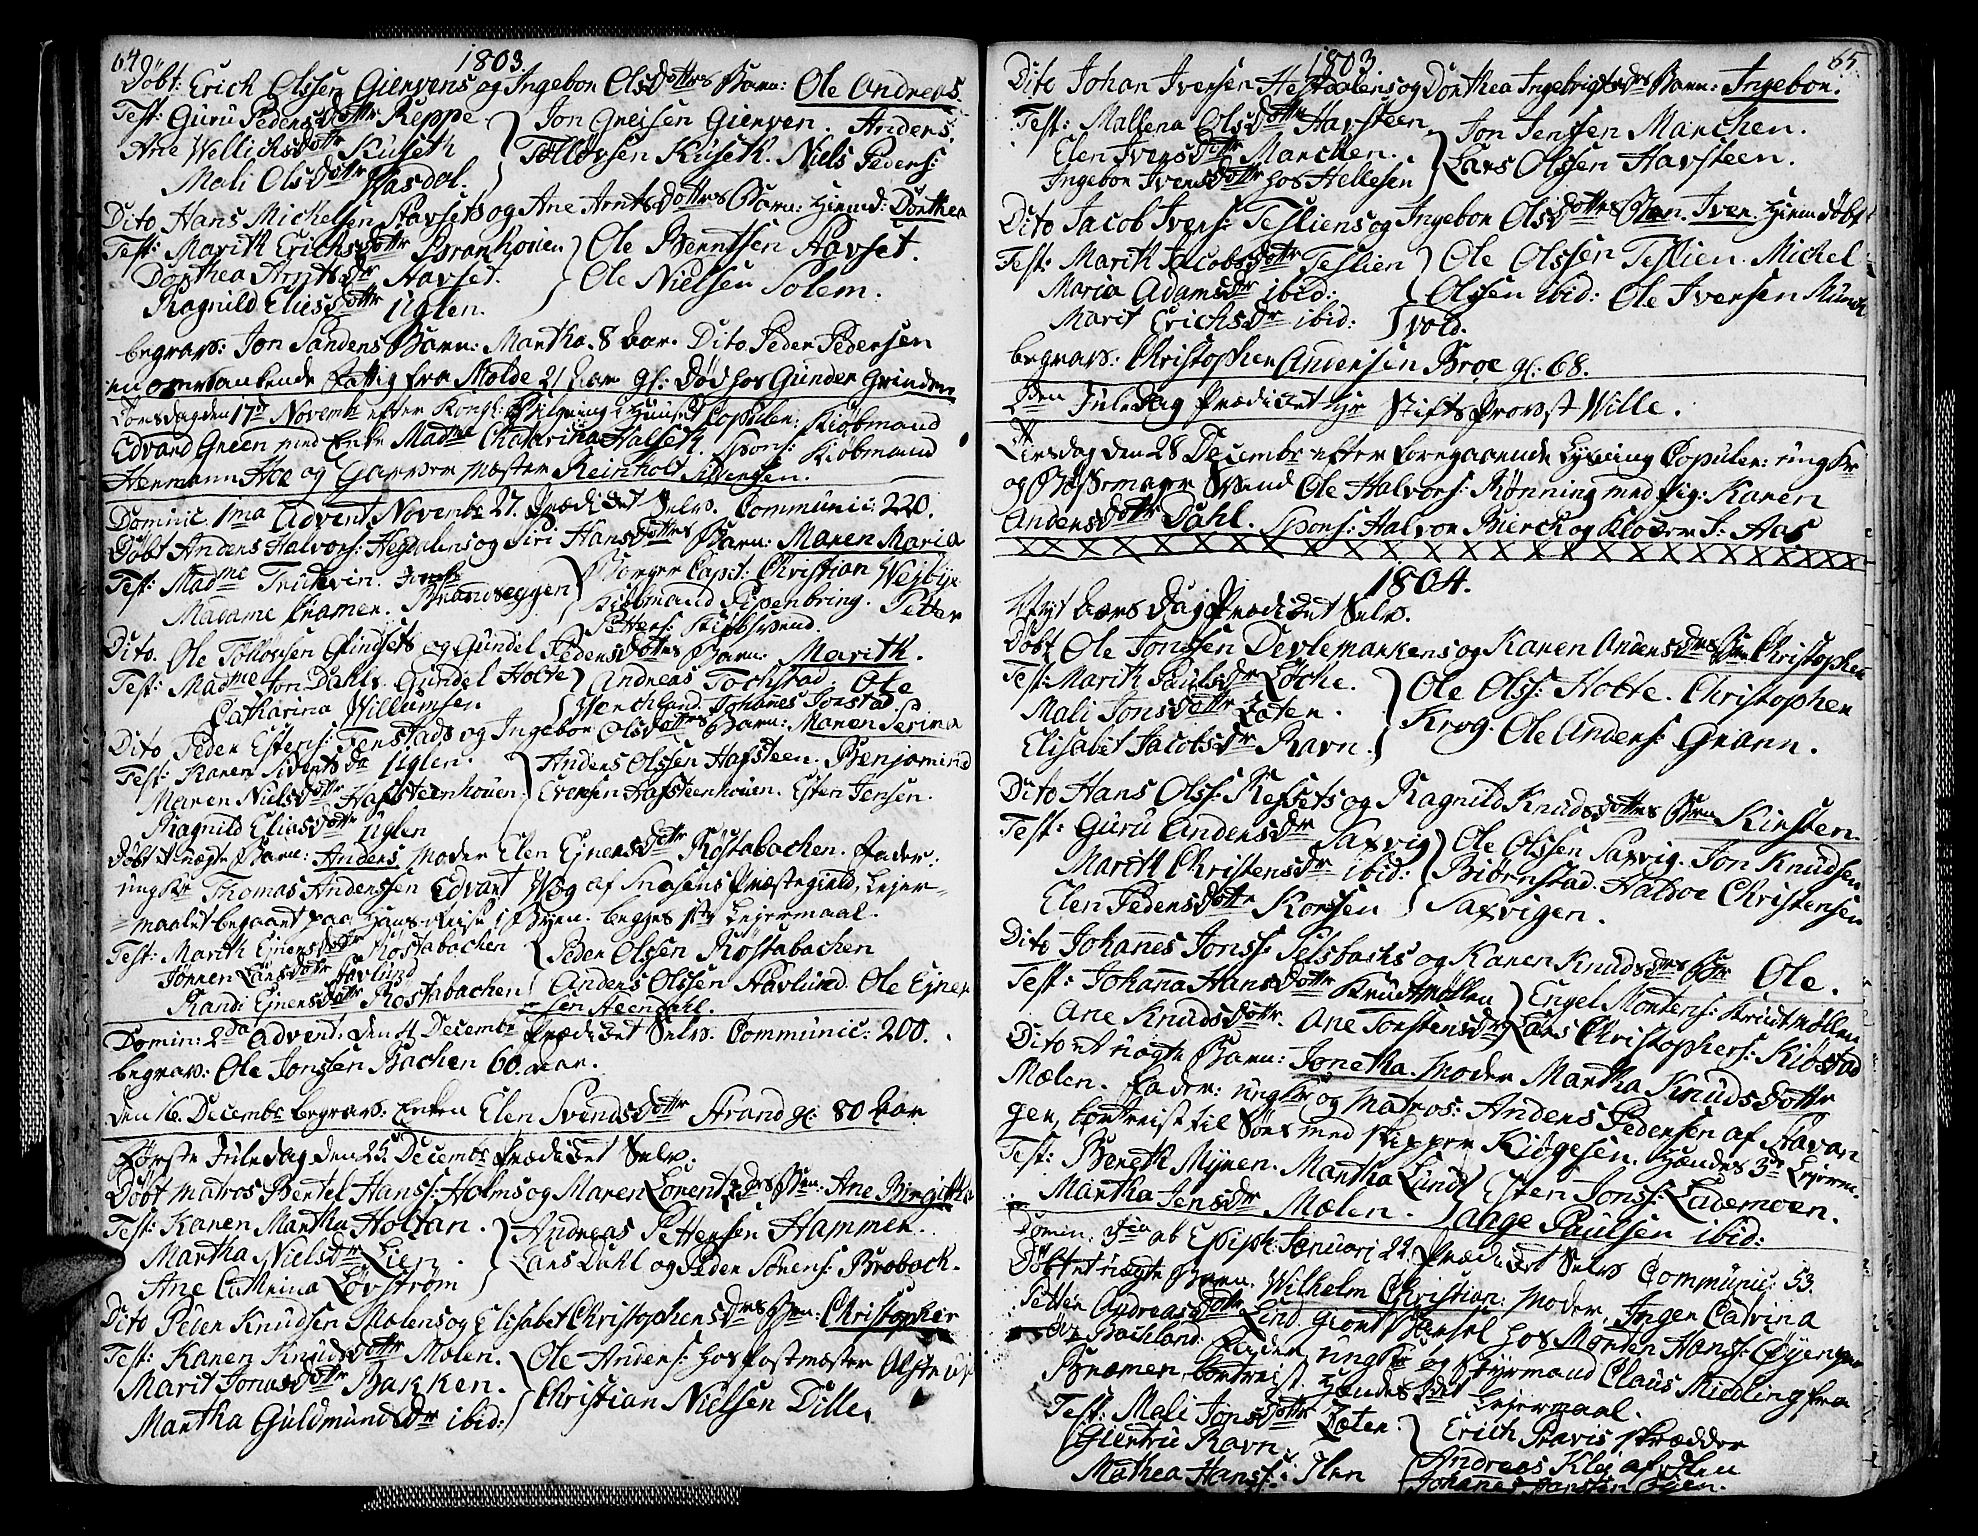 SAT, Ministerialprotokoller, klokkerbøker og fødselsregistre - Sør-Trøndelag, 604/L0181: Ministerialbok nr. 604A02, 1798-1817, s. 64-65